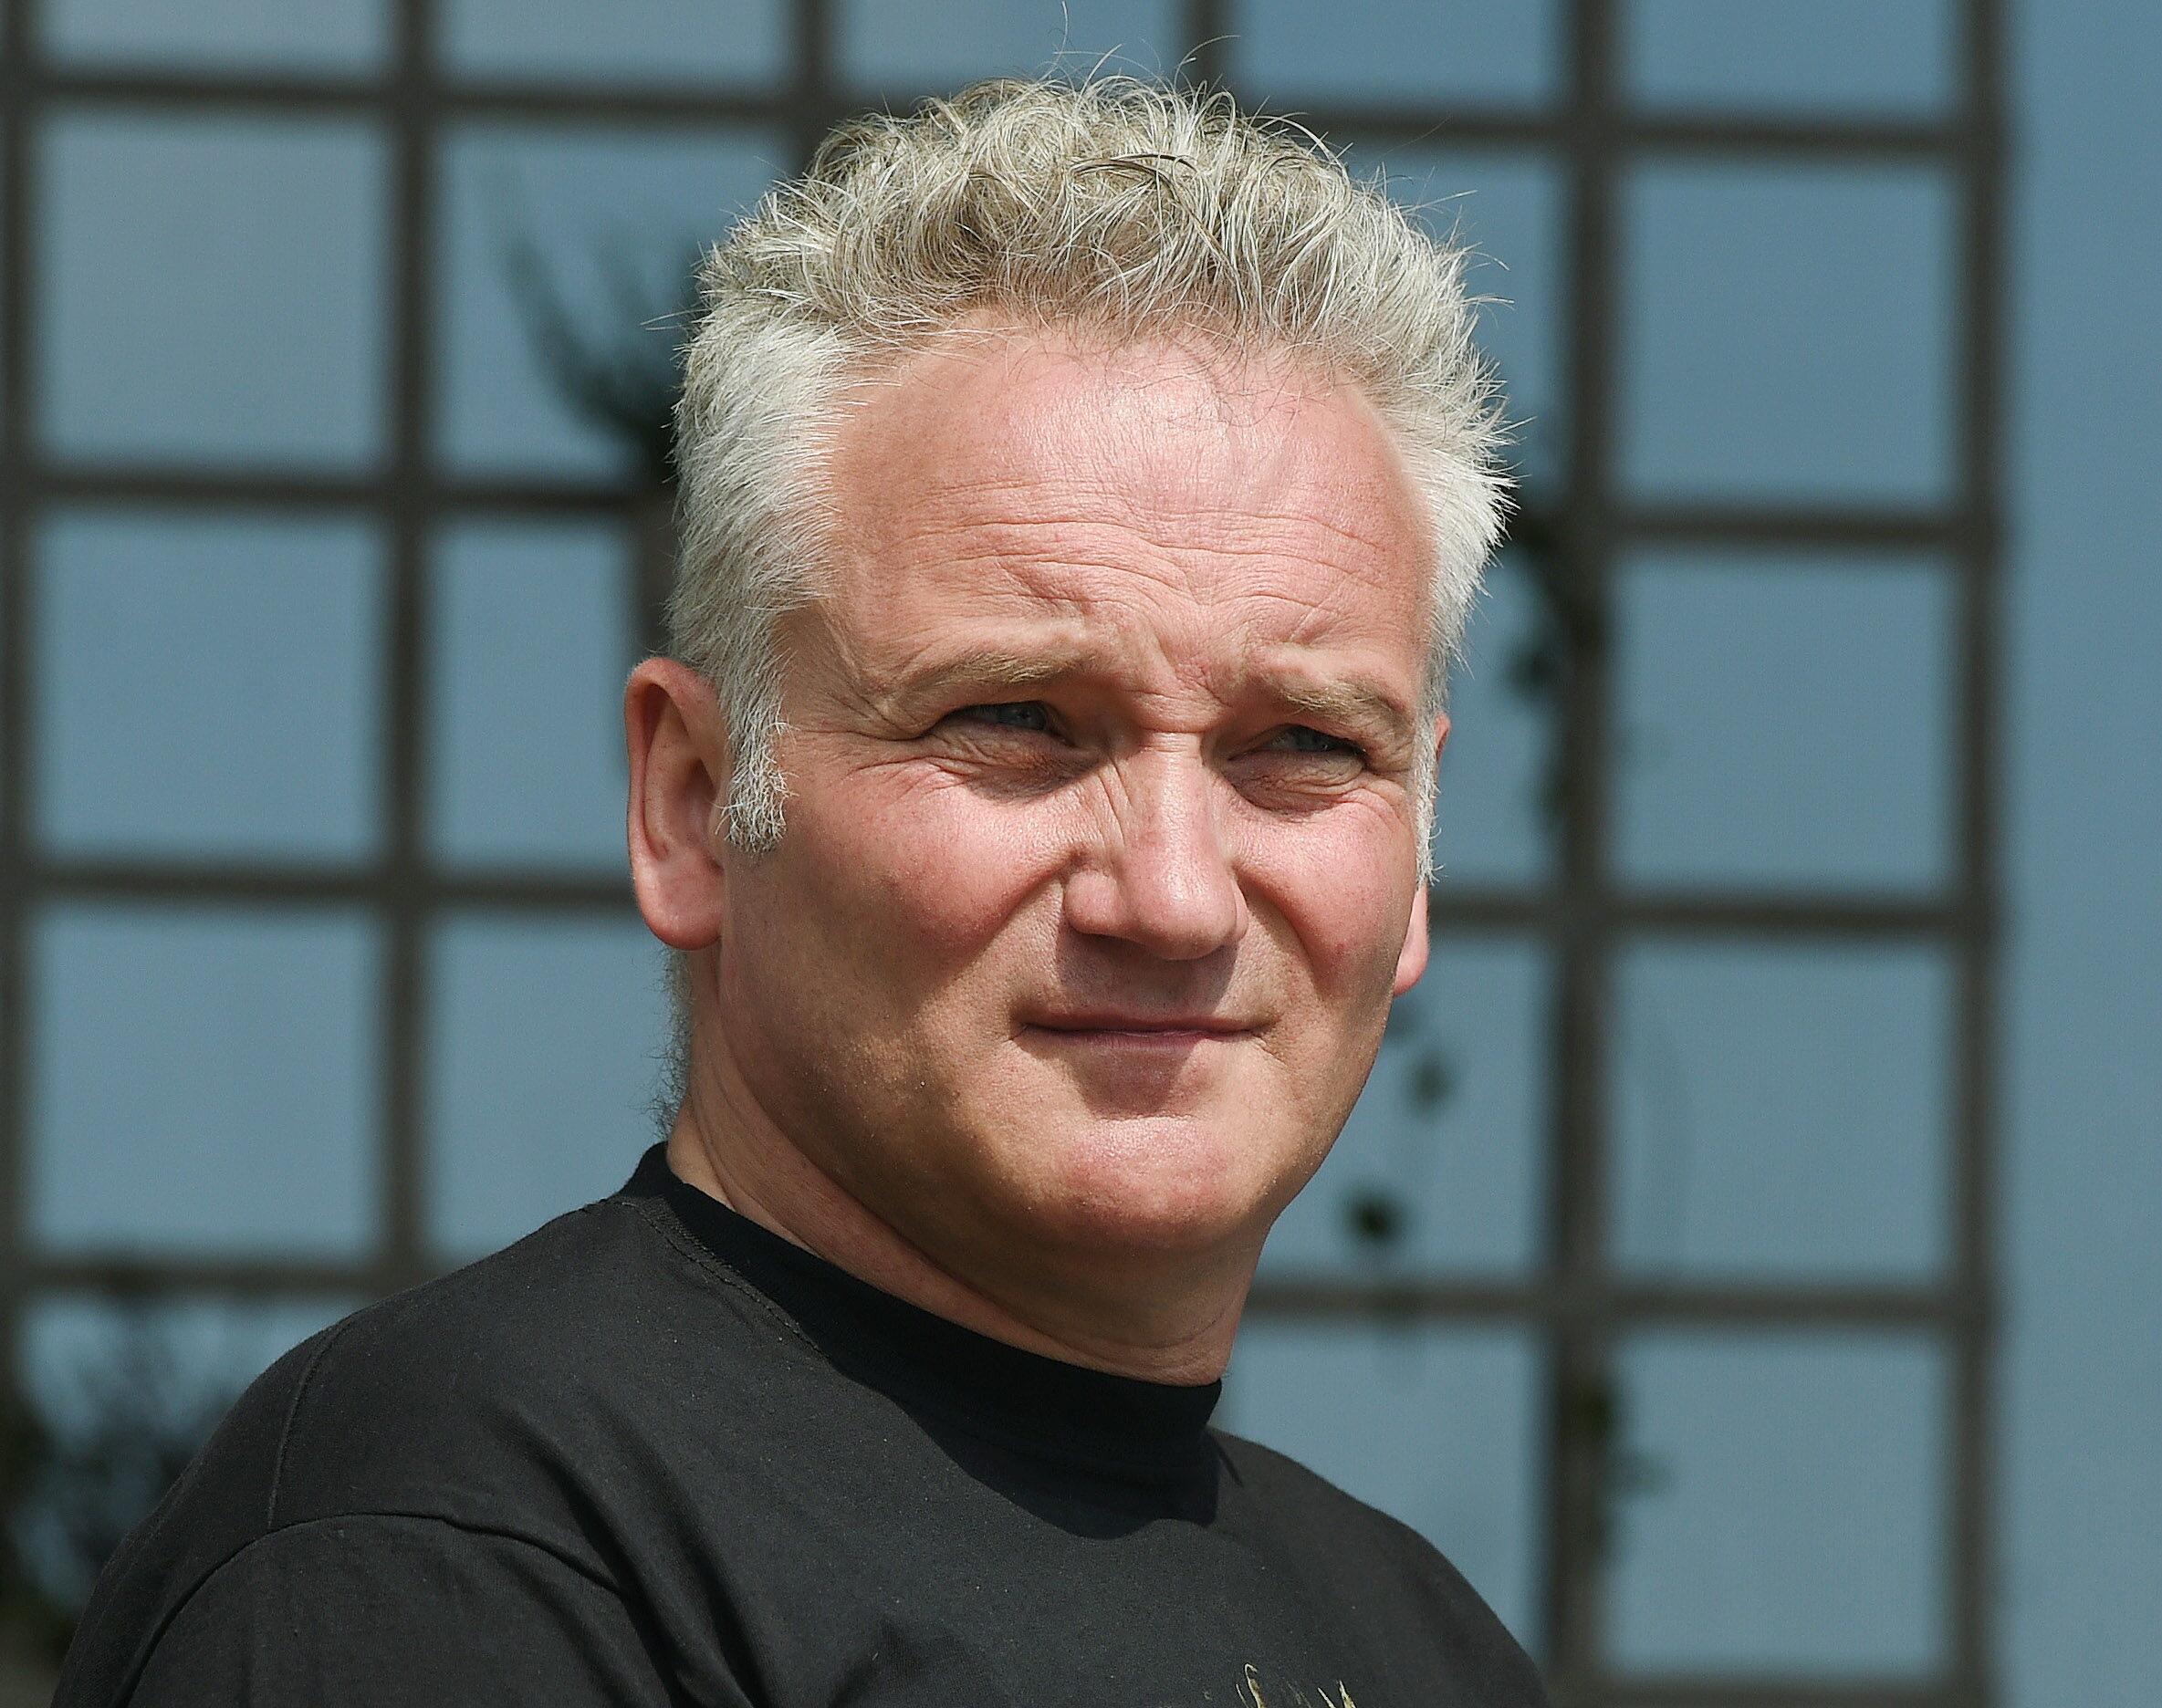 Dziennikarz, prezenter pogody Jarosław Kret